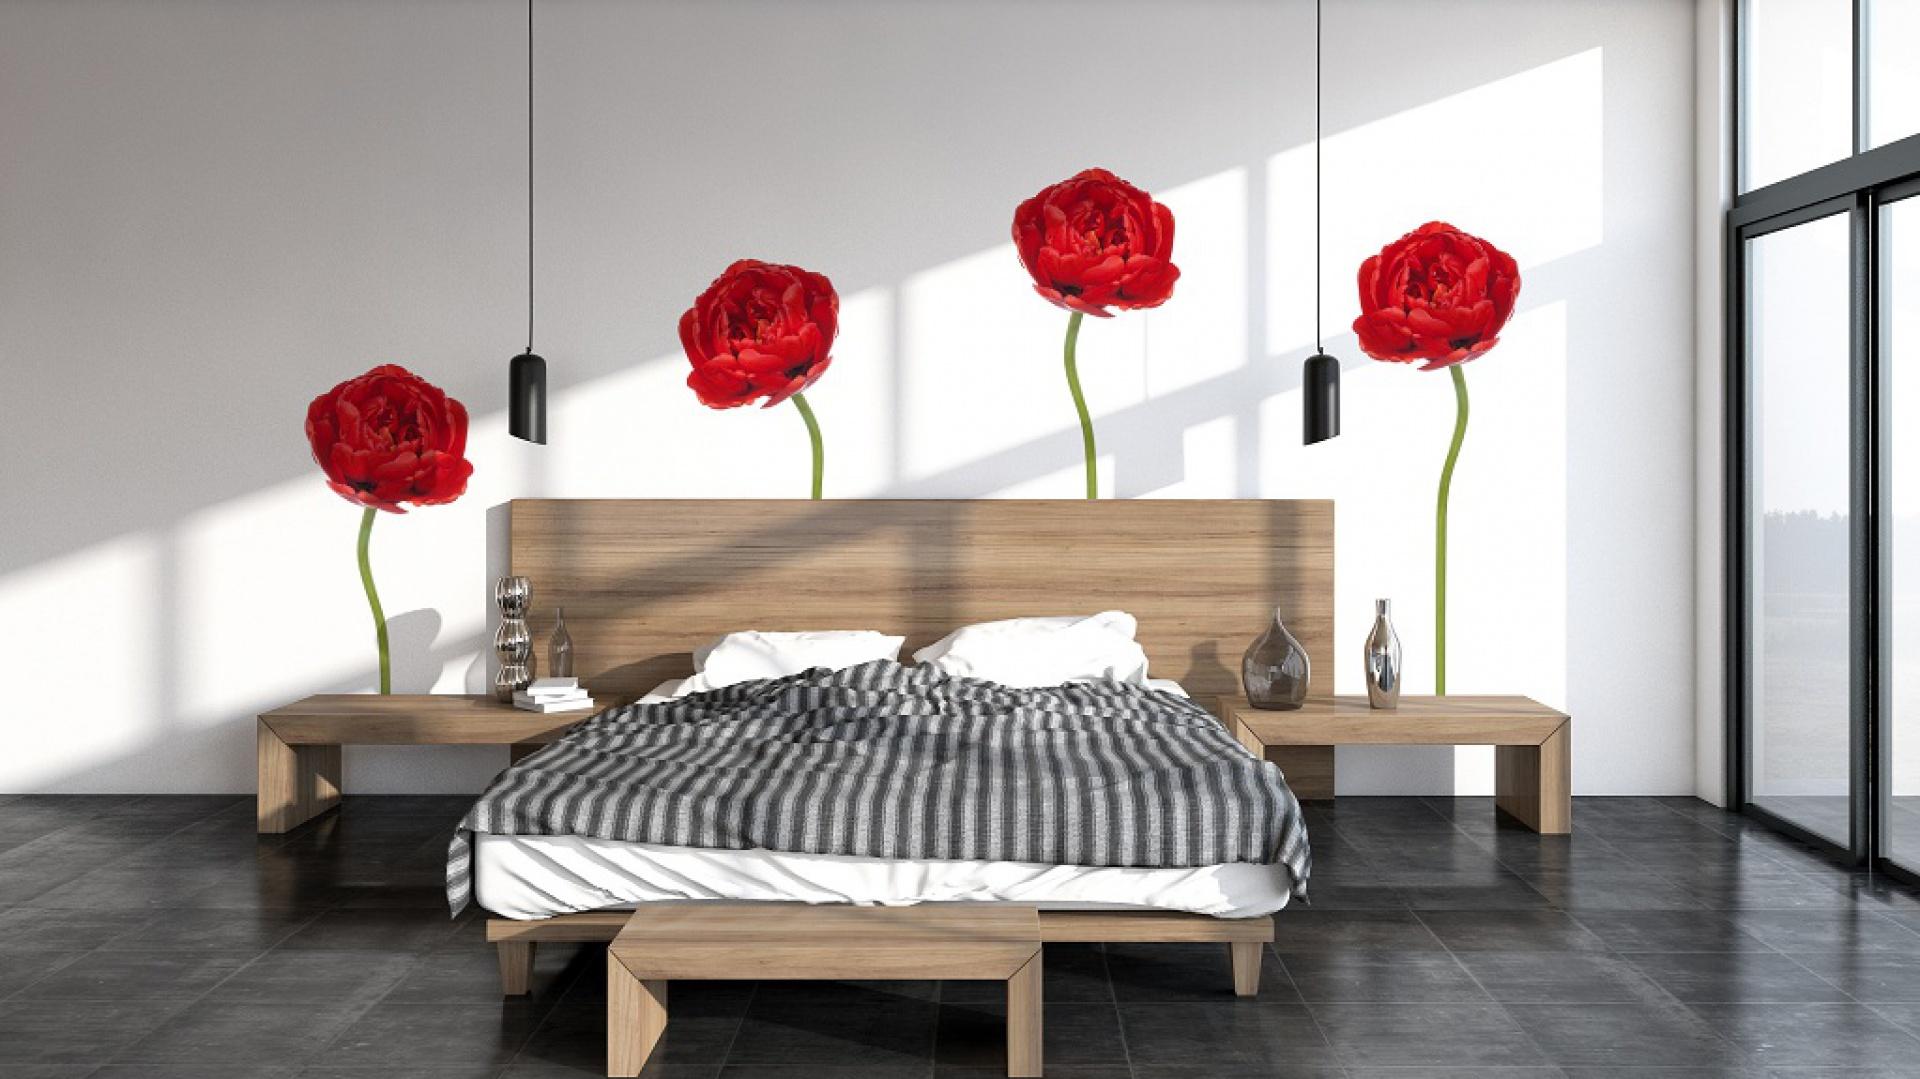 Naklejki ścienne w formie smukłych, czerwonych kwiatów marki Big Trix to idealna propozycja do minimalistycznej sypialni. Subtelny wzór delikatnie ożywia prostą aranżację nie przytłaczając przestrzeni. Fot. Big Trix.